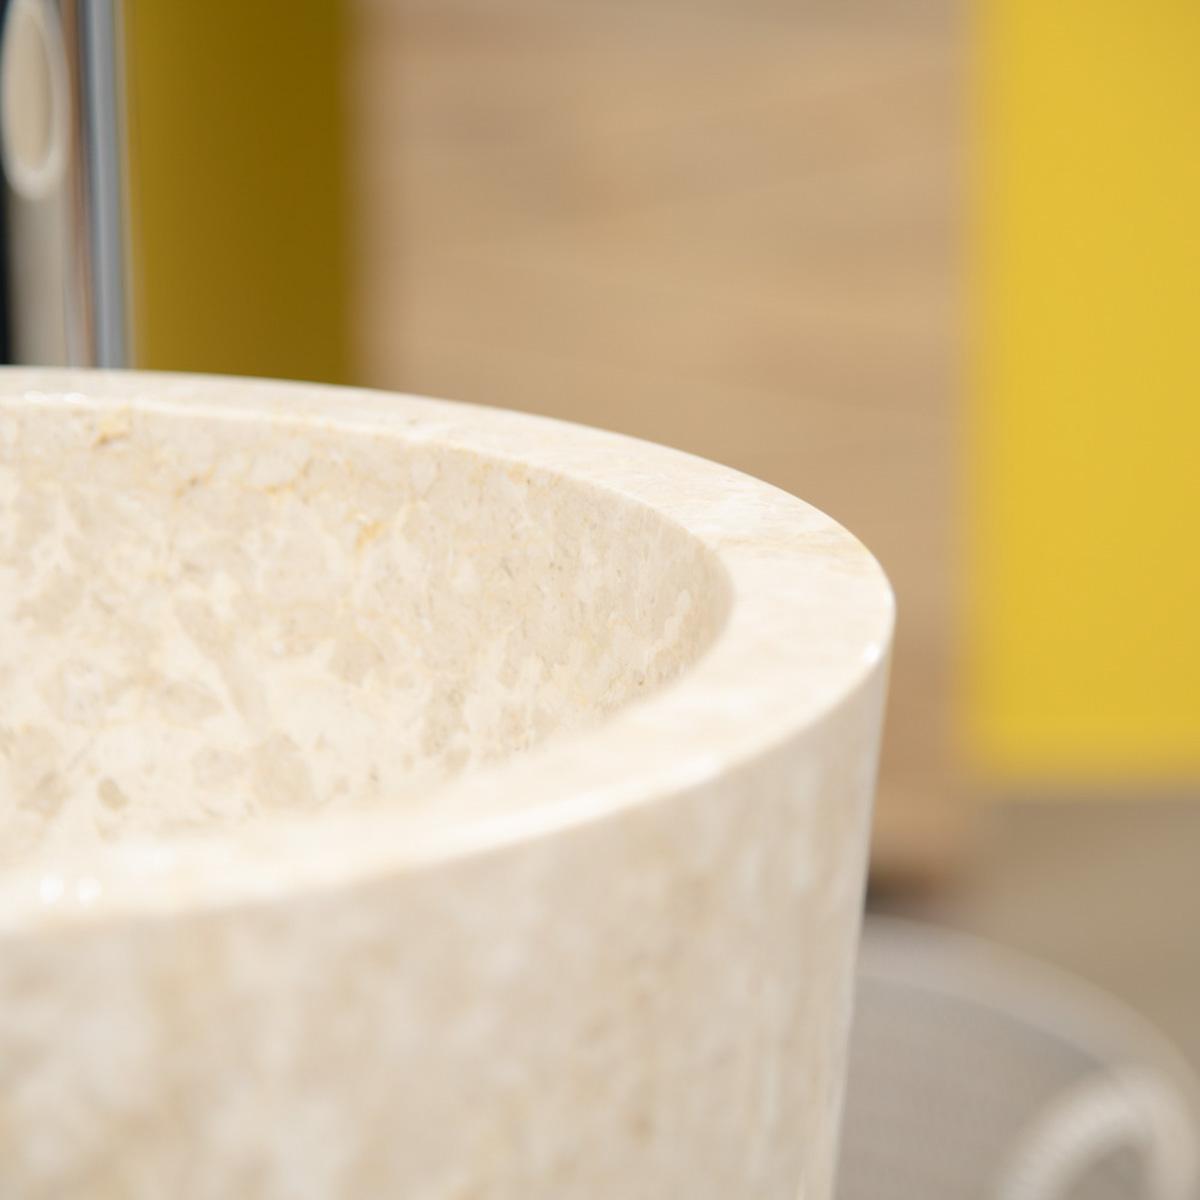 vasque colonne sur pied Wanda Collection